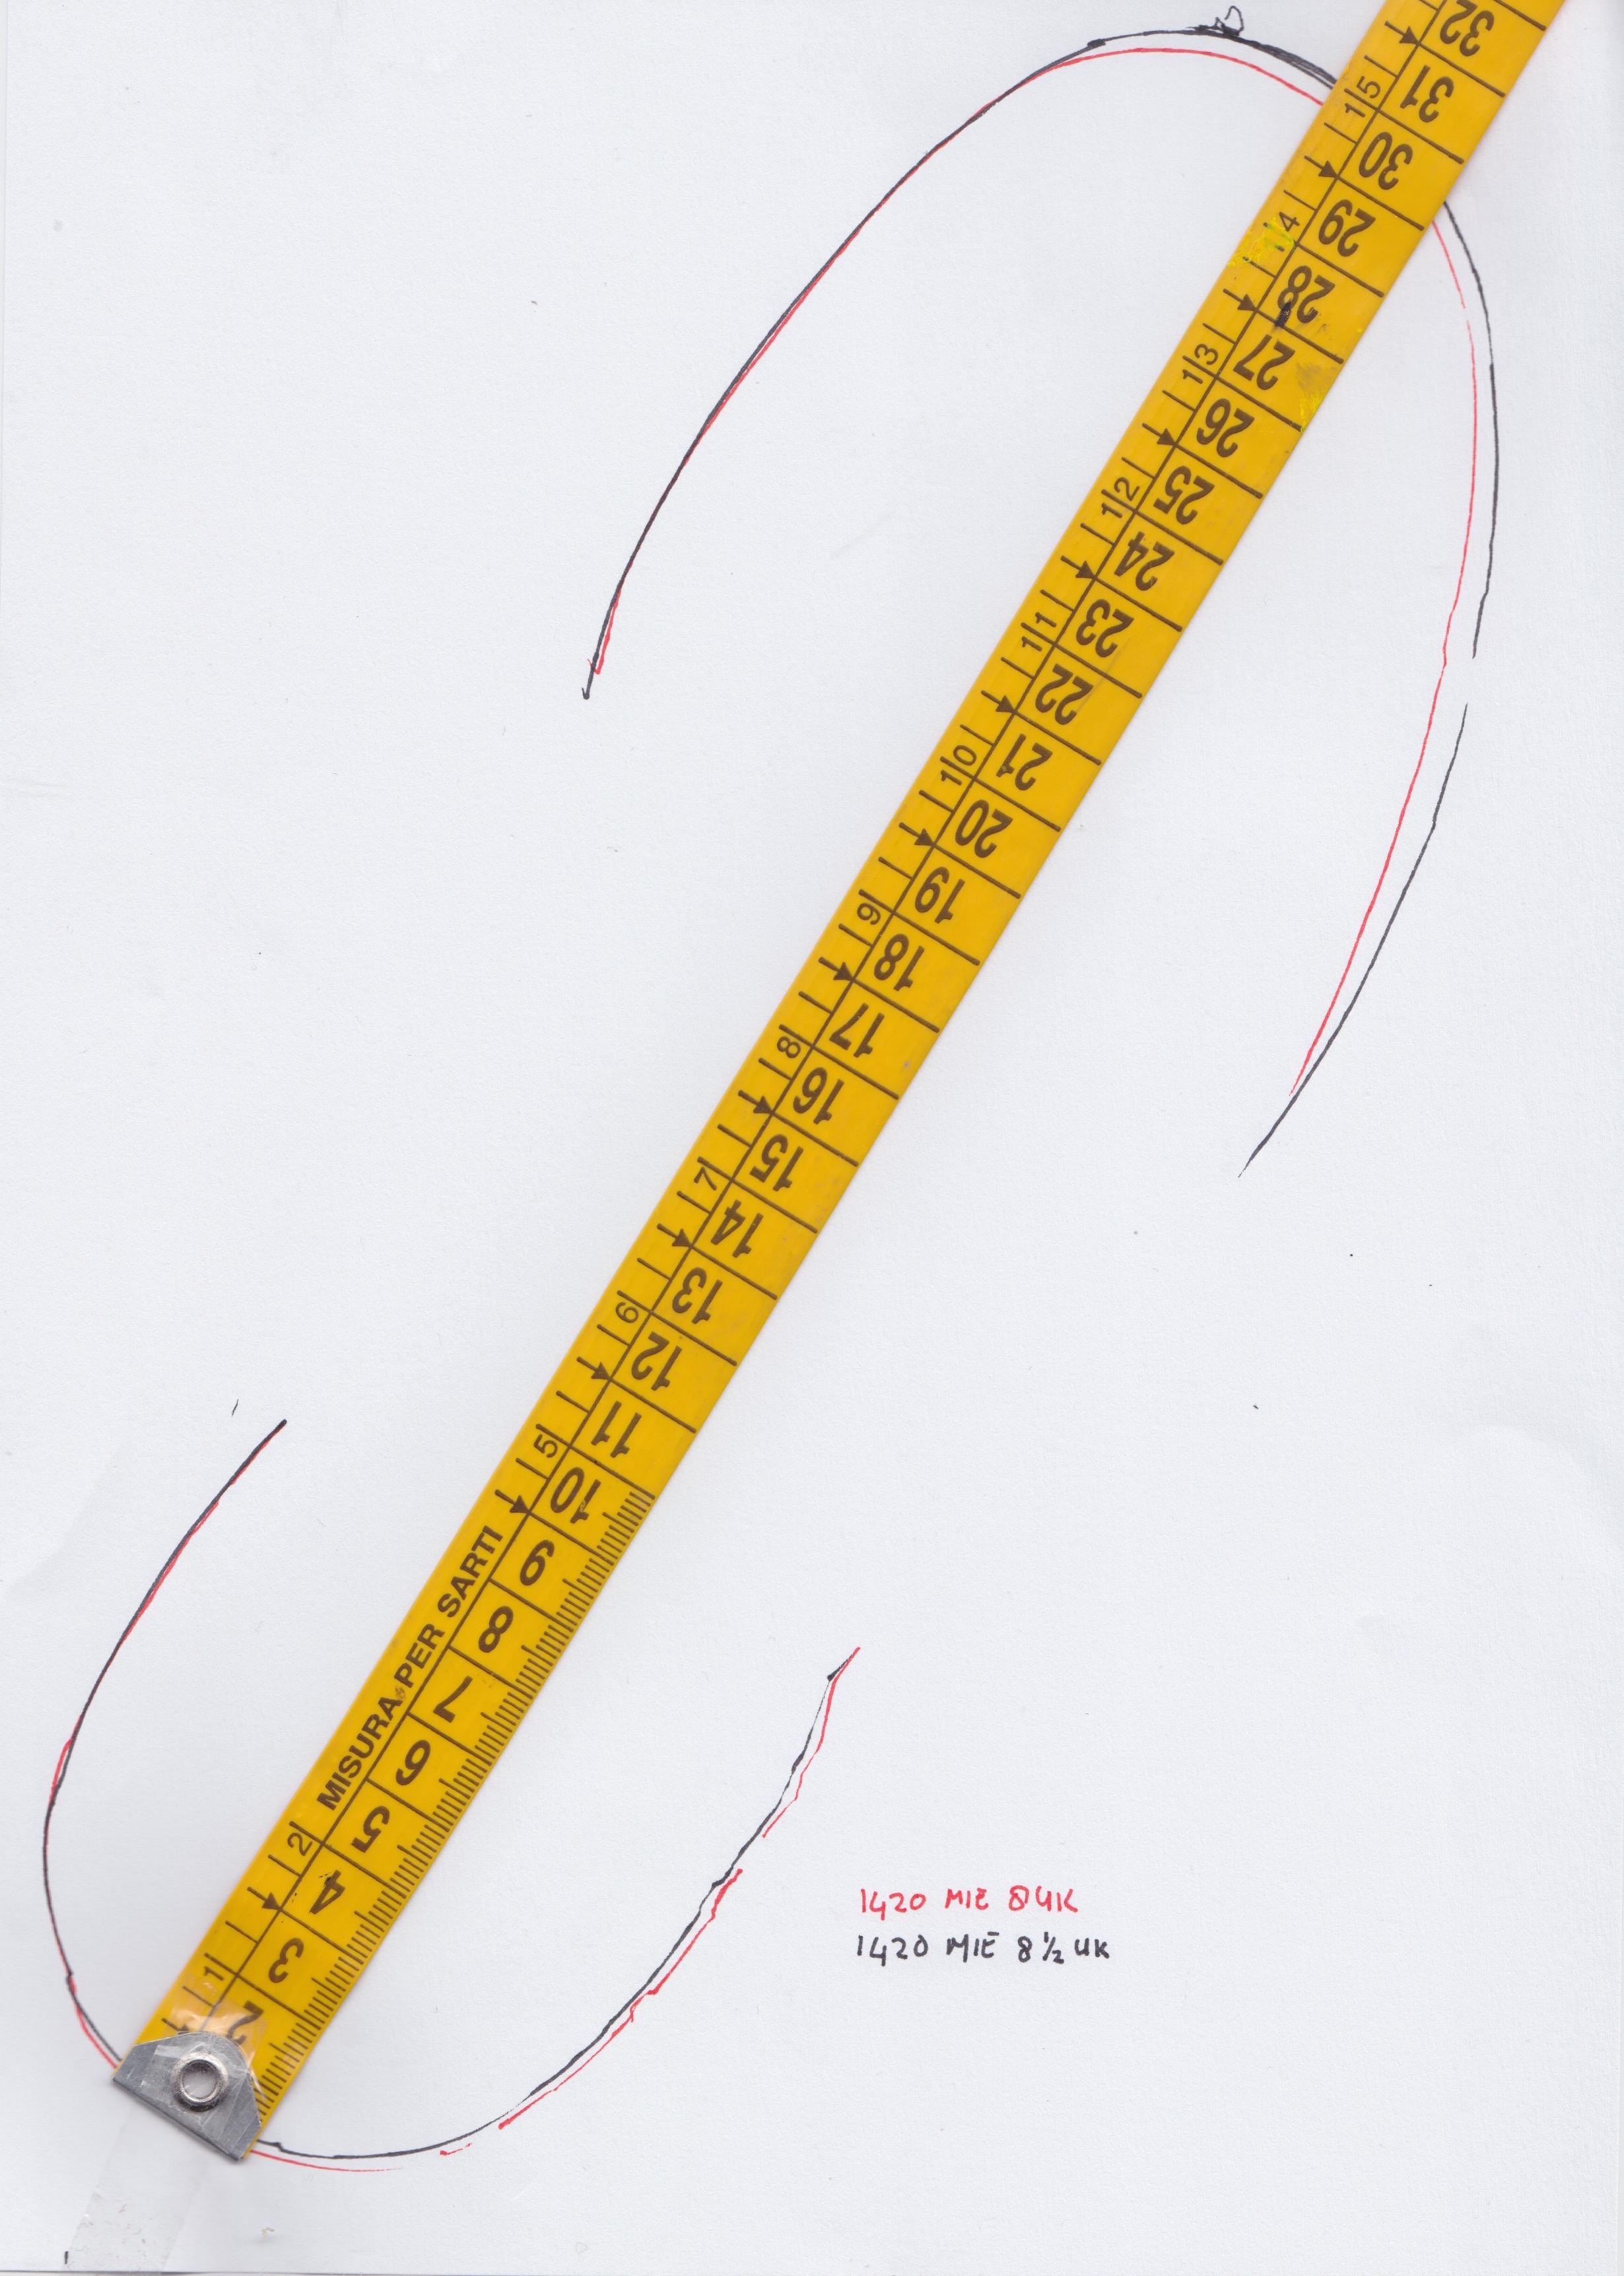 Dr Martens shoe size guide